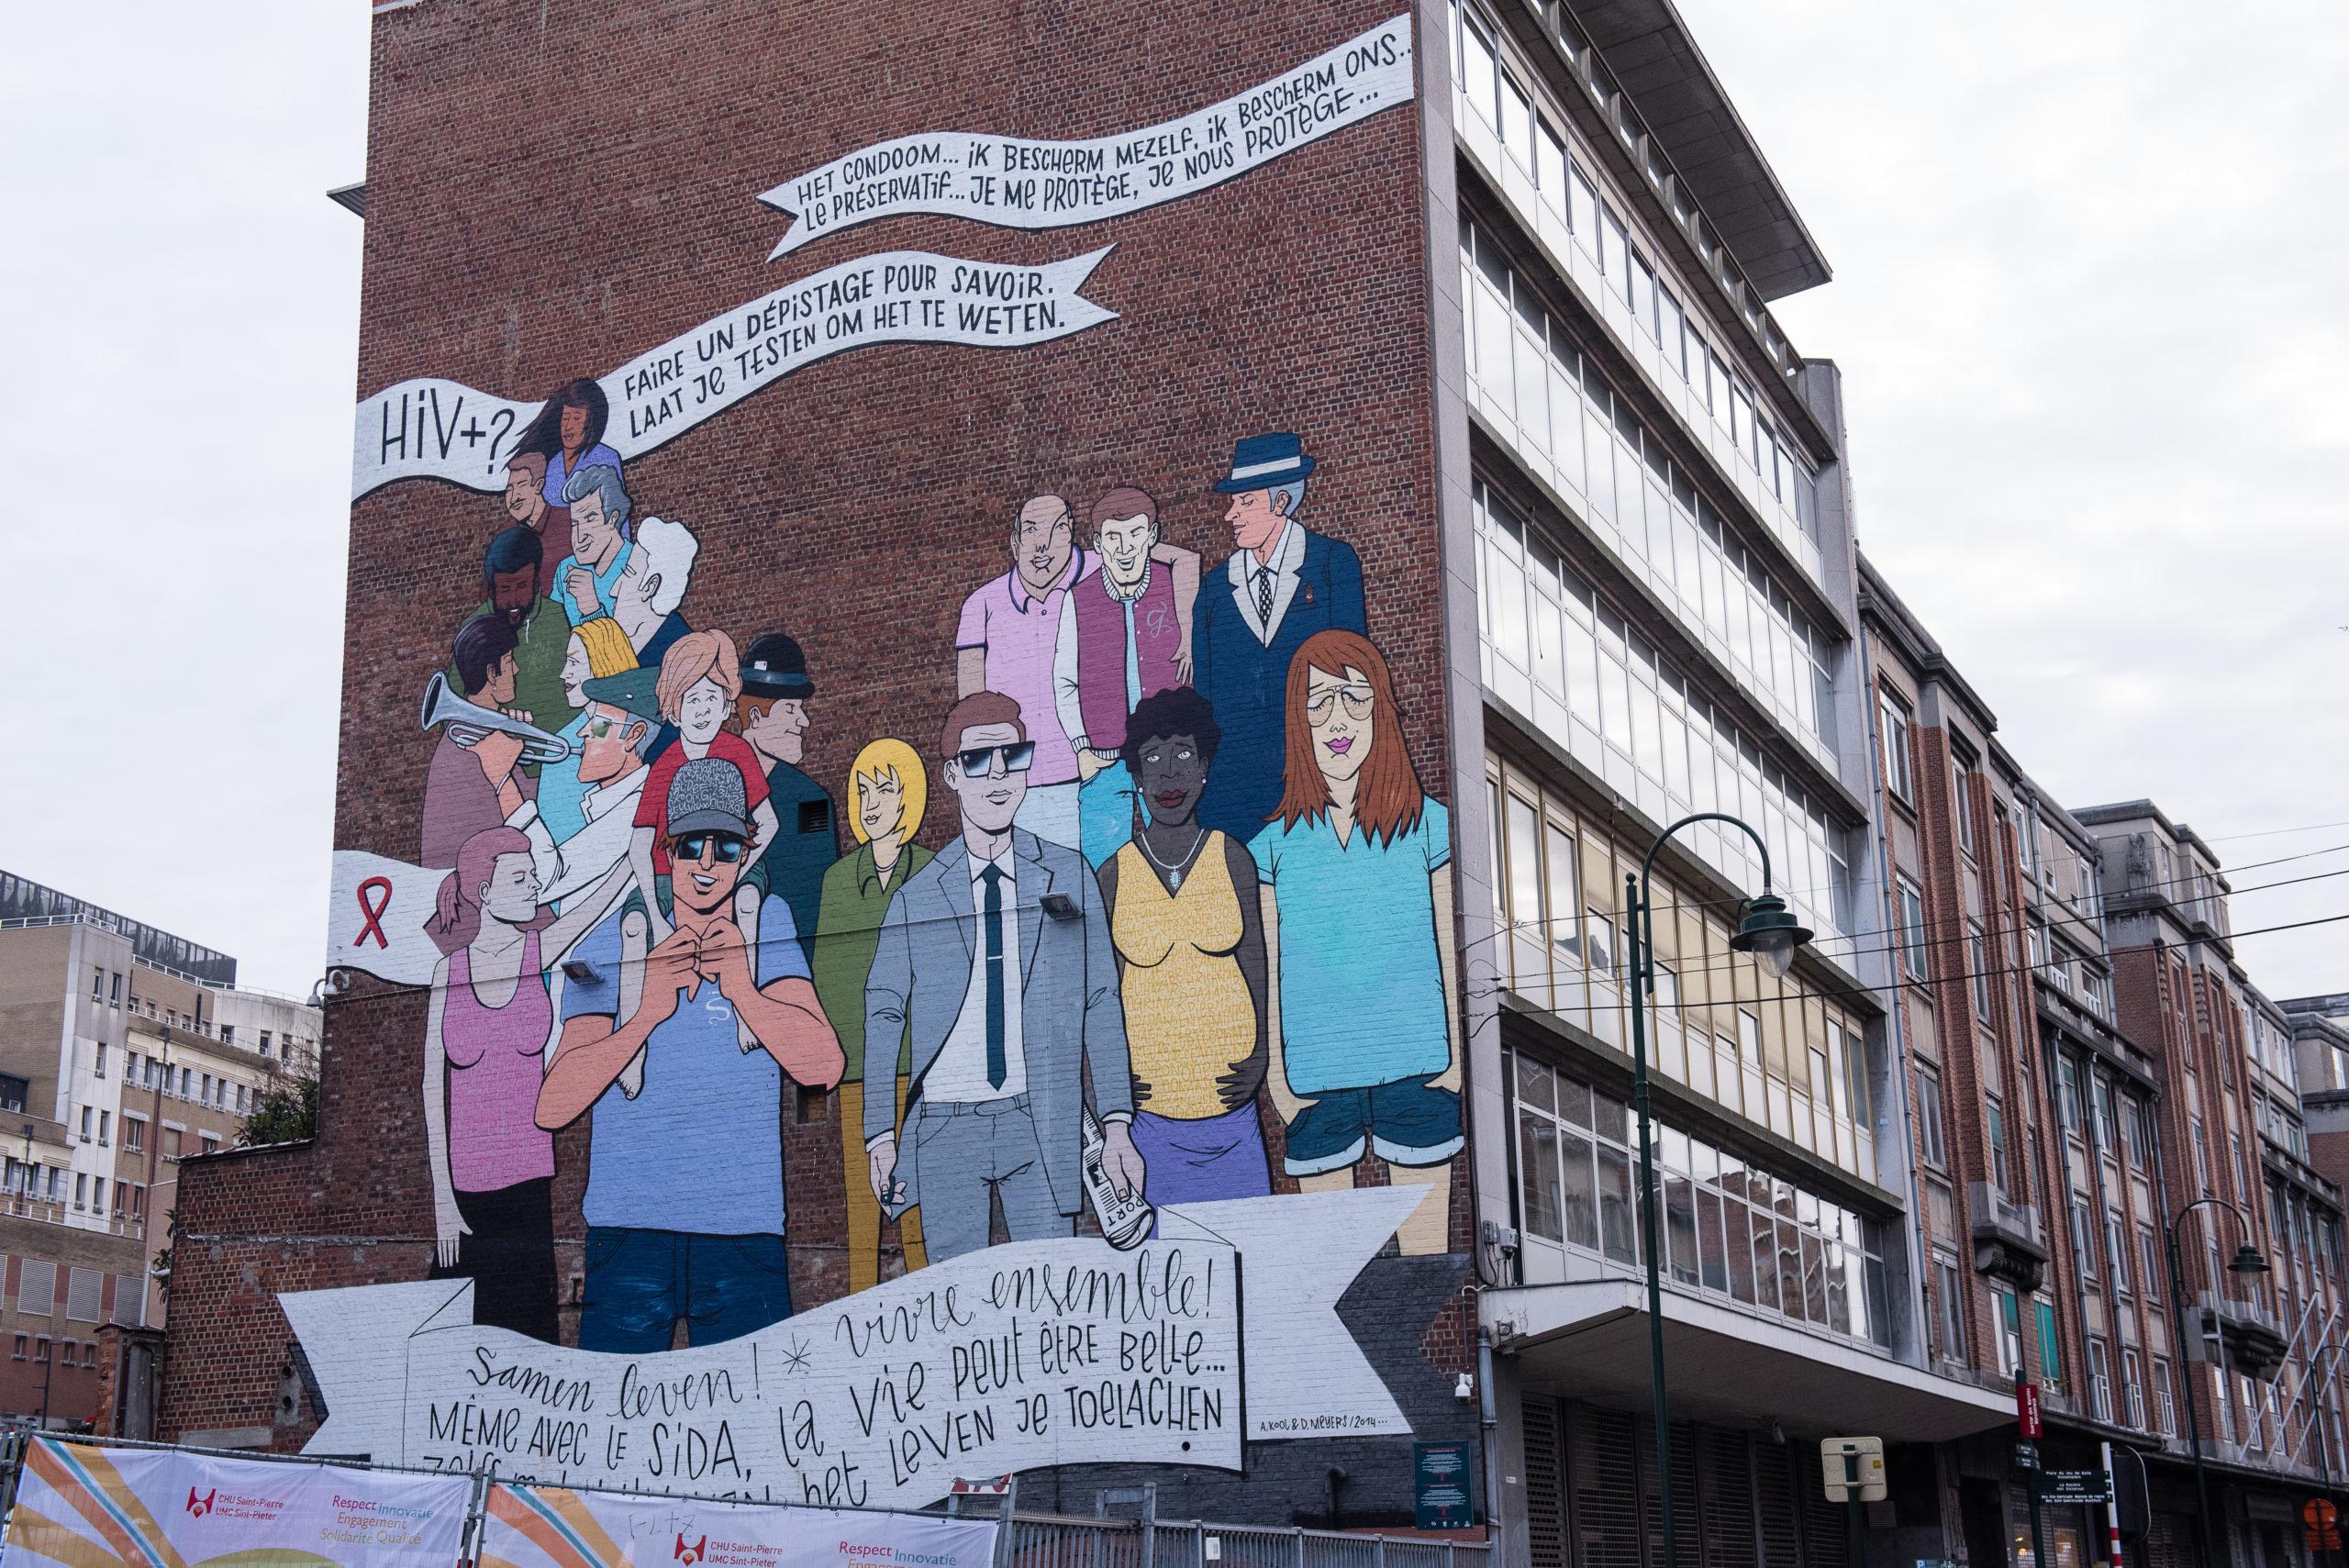 Fresque de l'hopital Saint-Pierre Entr'aide des Marolles asbl 1000 Bruxelles